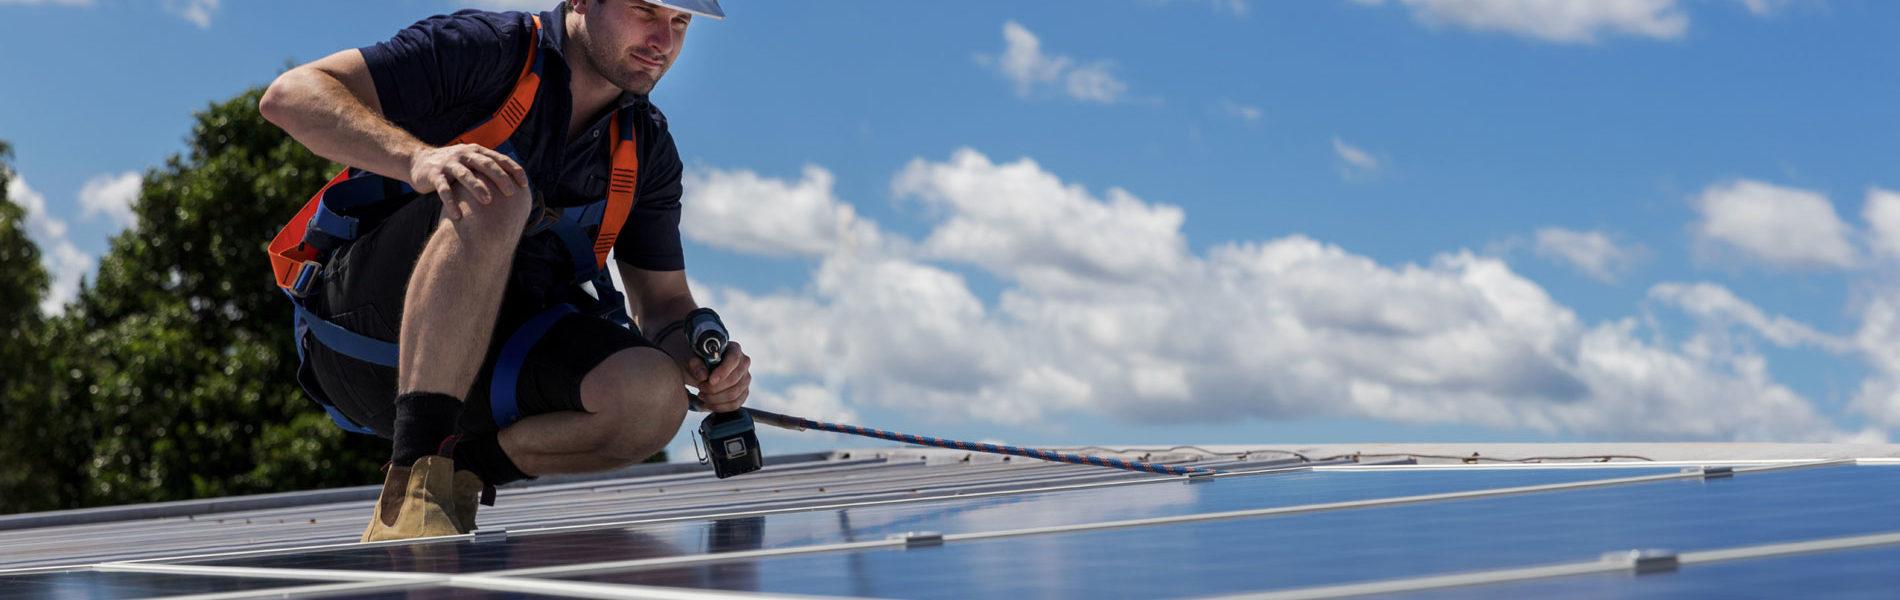 installateur-panneaux-photovoltaique